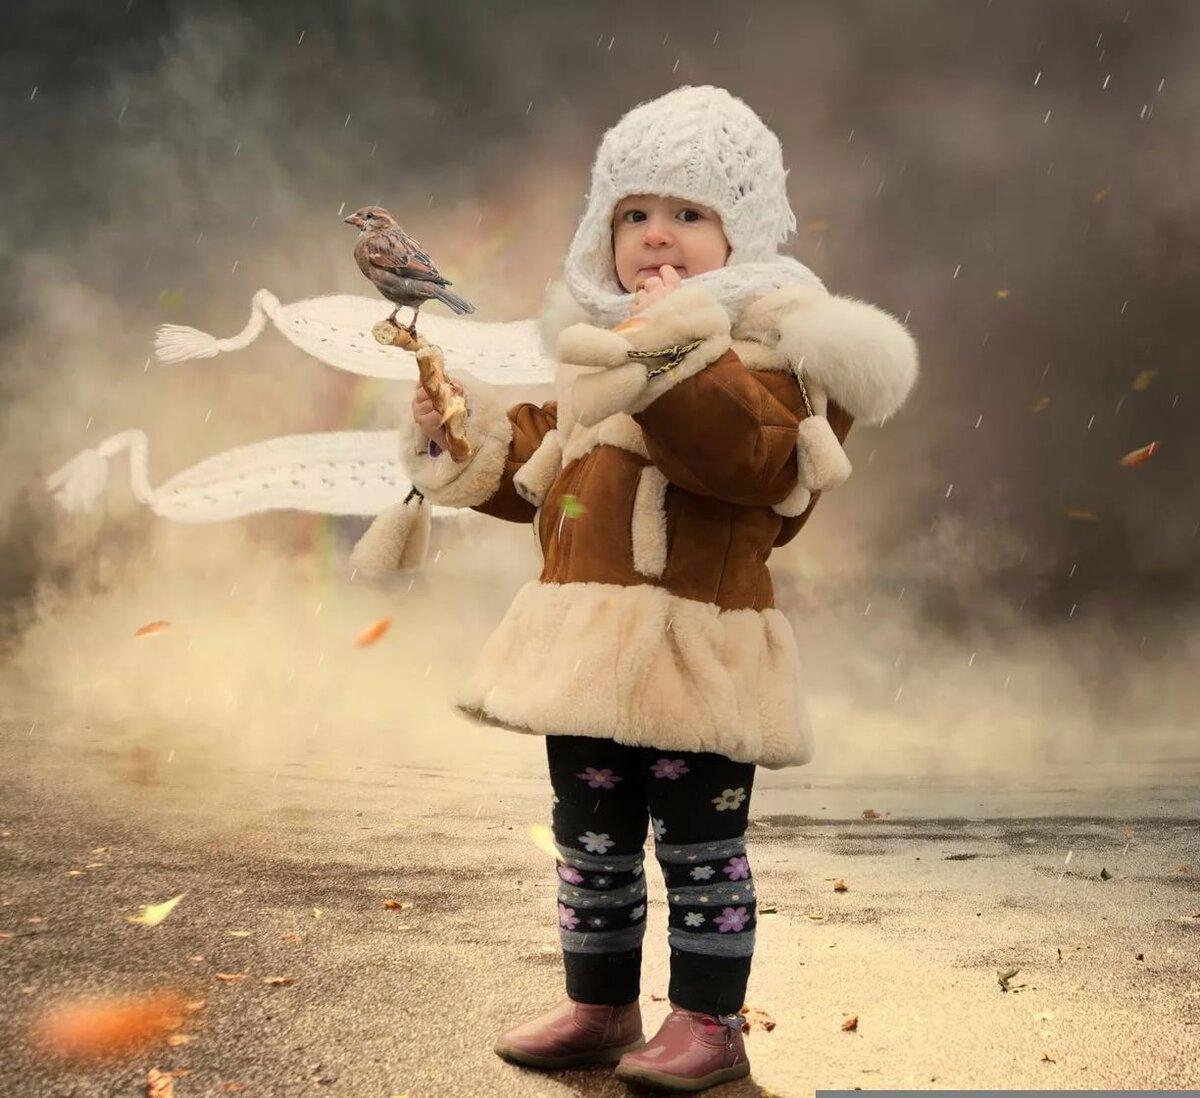 это происходит сюрреалистические детки фотографии помощью кабель-каналов смонтировать